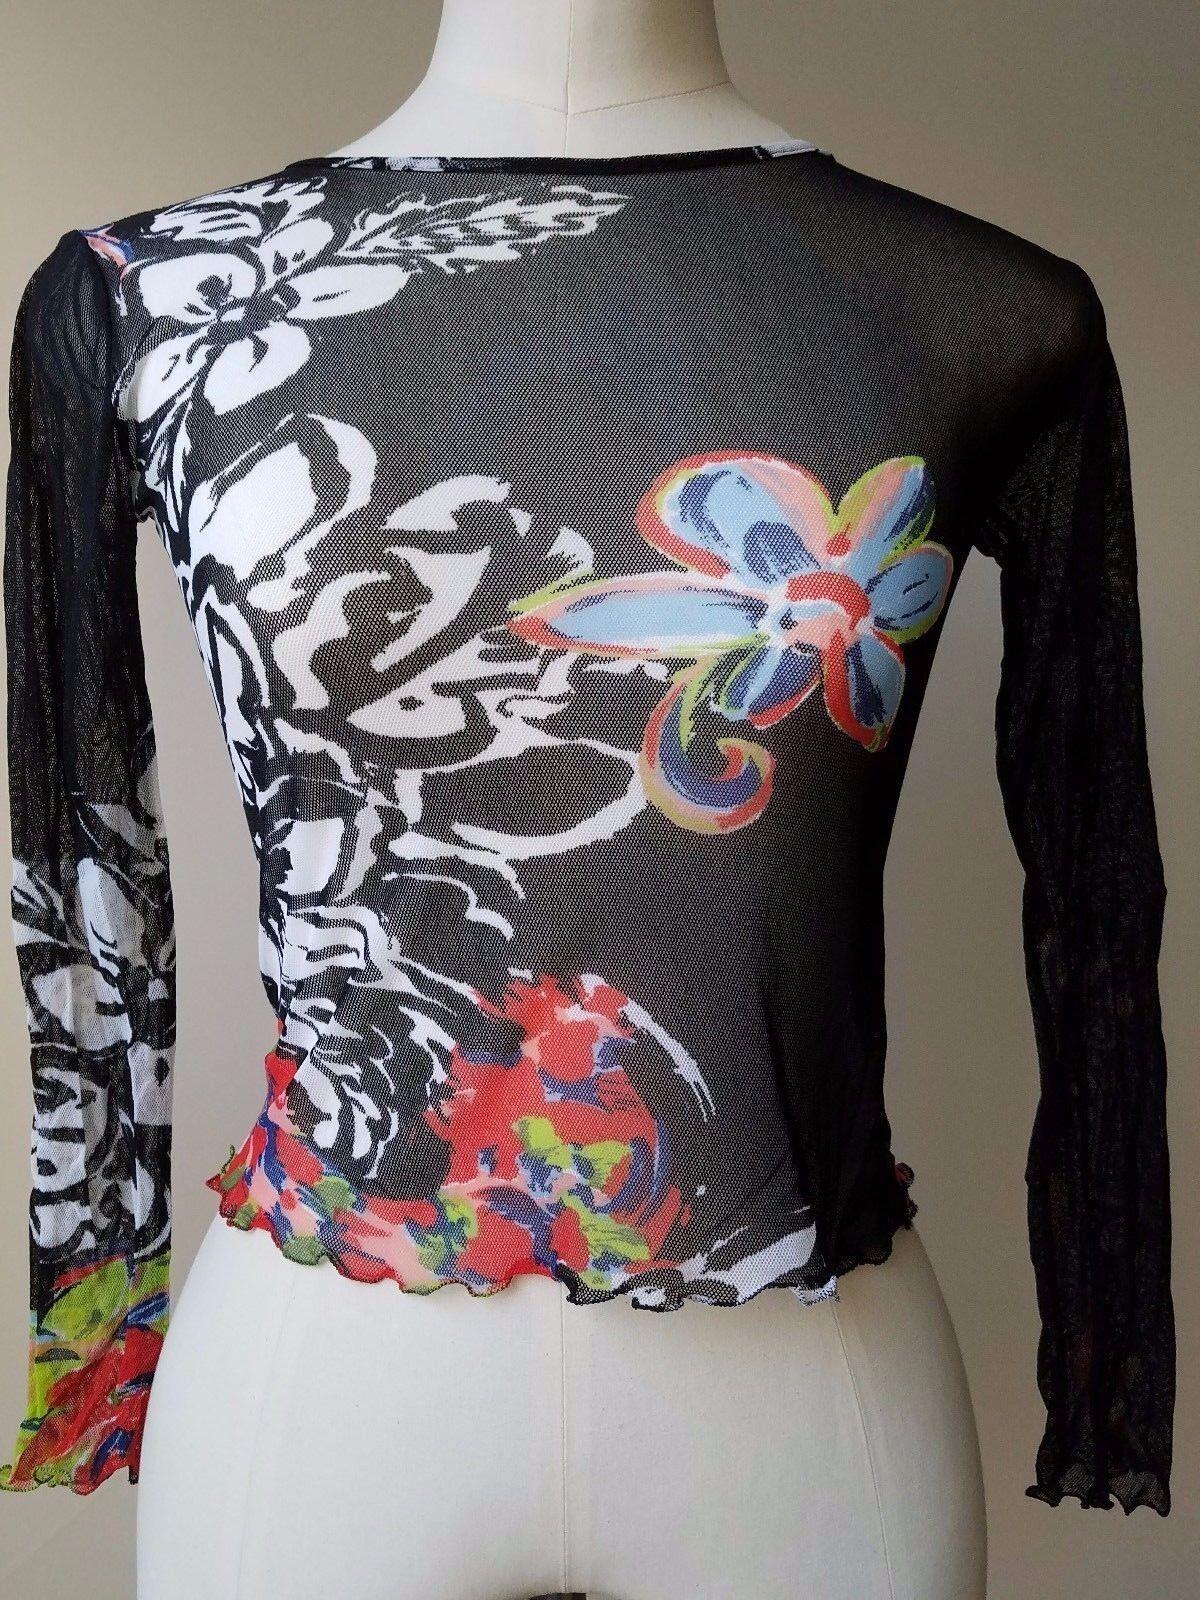 Ch &  039;i Glamour Mujer Negro Con Flores azulsa Talla 42 Italia  punto de venta barato